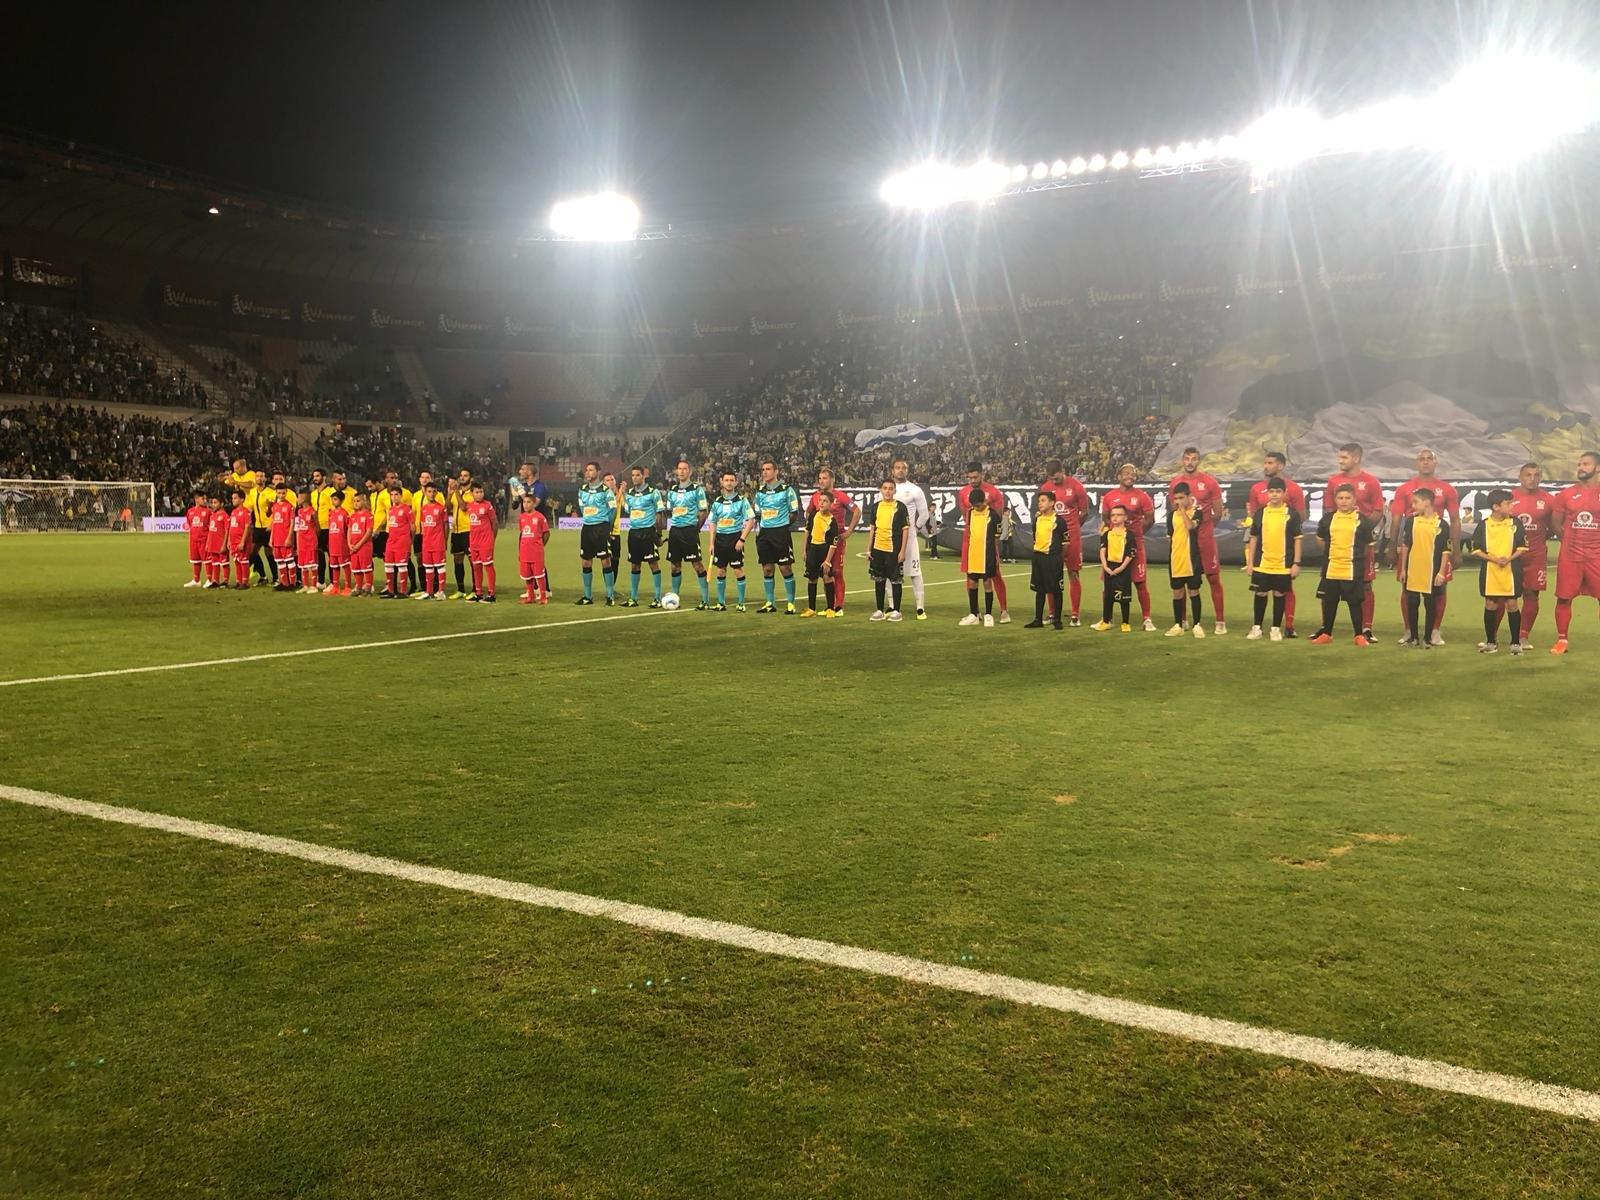 بحضور جمهور الفريقيّن: بيتار القدس تتغلب على سخنين بـ 3-2